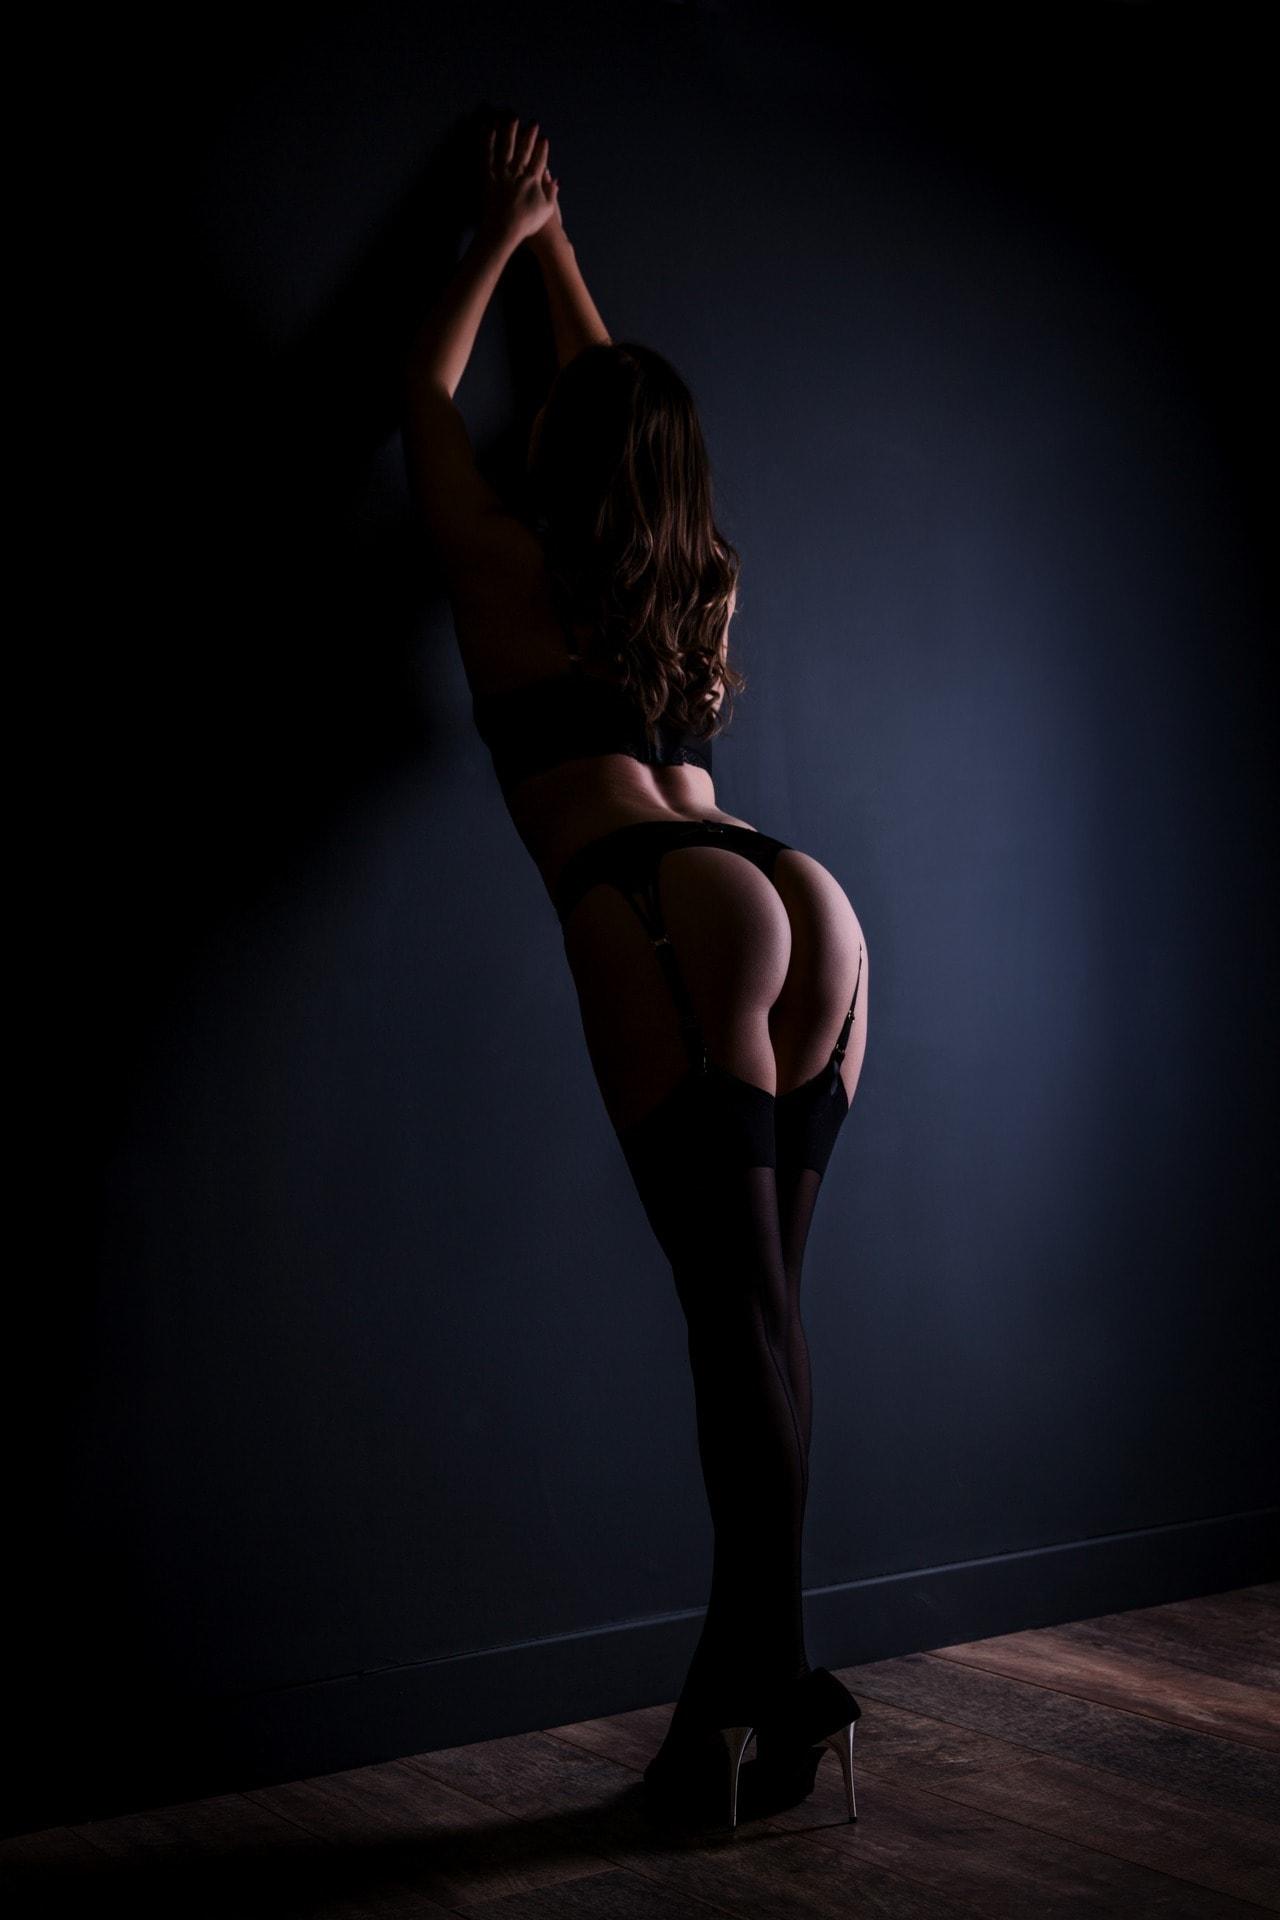 best-boudoir-photography-dark-wall-suspenders